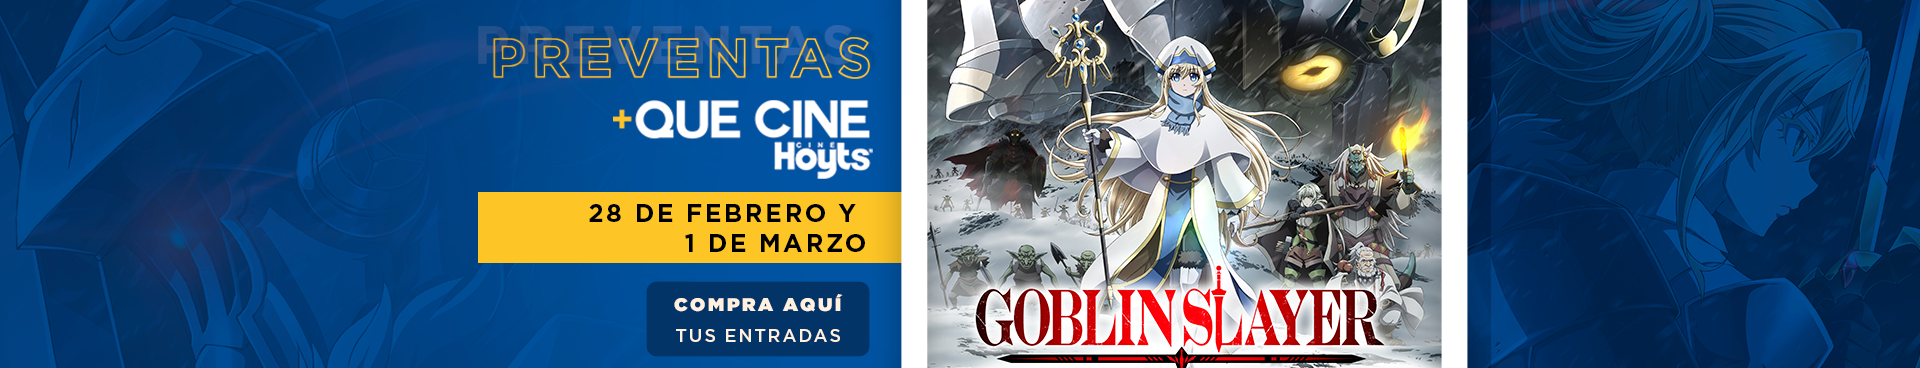 """""""PREVENTA + QUE CINE: GOBLIN SLAYER: GOBLIN'S CROWN, FECHA 28-02 y 01-03, COMPRA AQUÍ TUS ENTRADAS"""